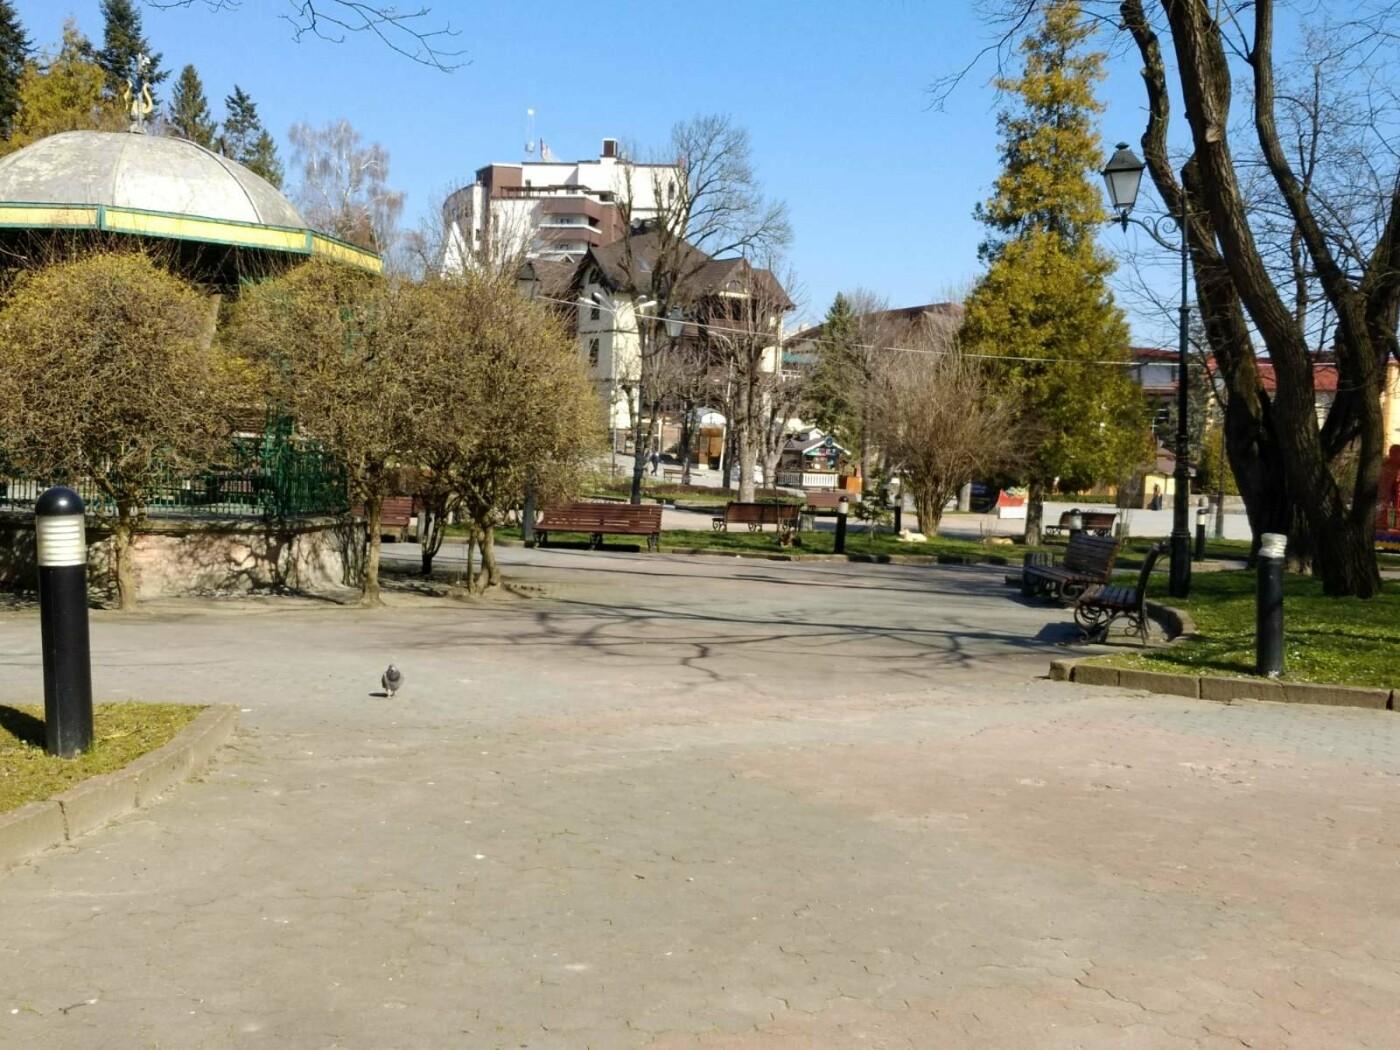 Трускавецьким голубам COVID-19 не страшний: Фотоогляд карантинного парку, фото-8